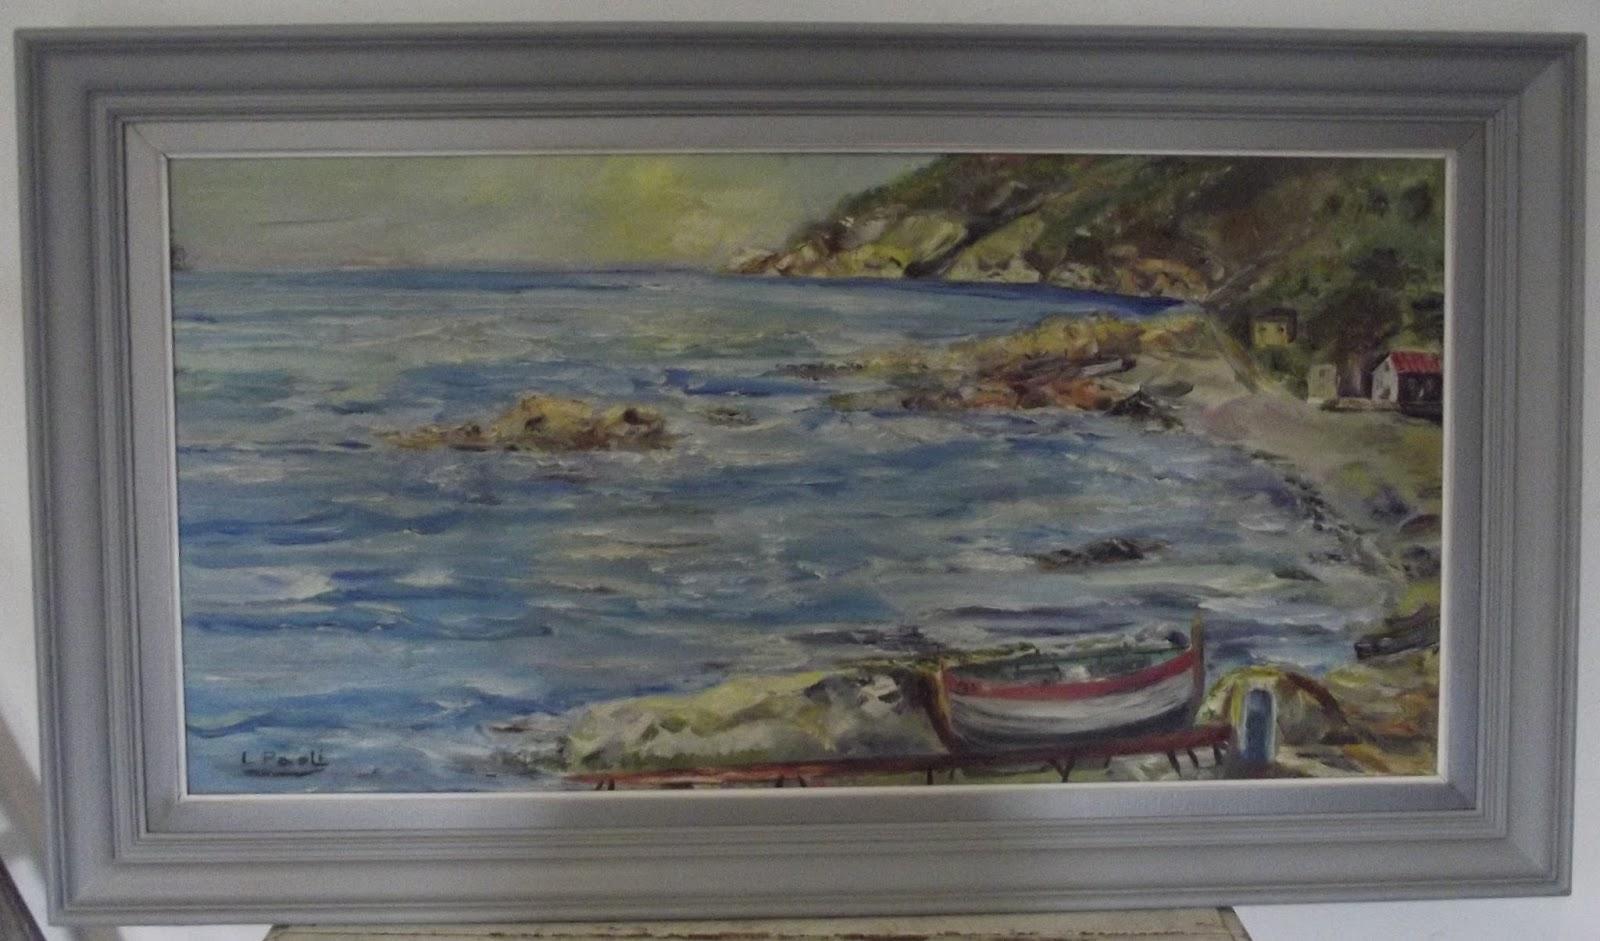 tableau peinture hst huile sur toile marine naïf plage de la Verne ...